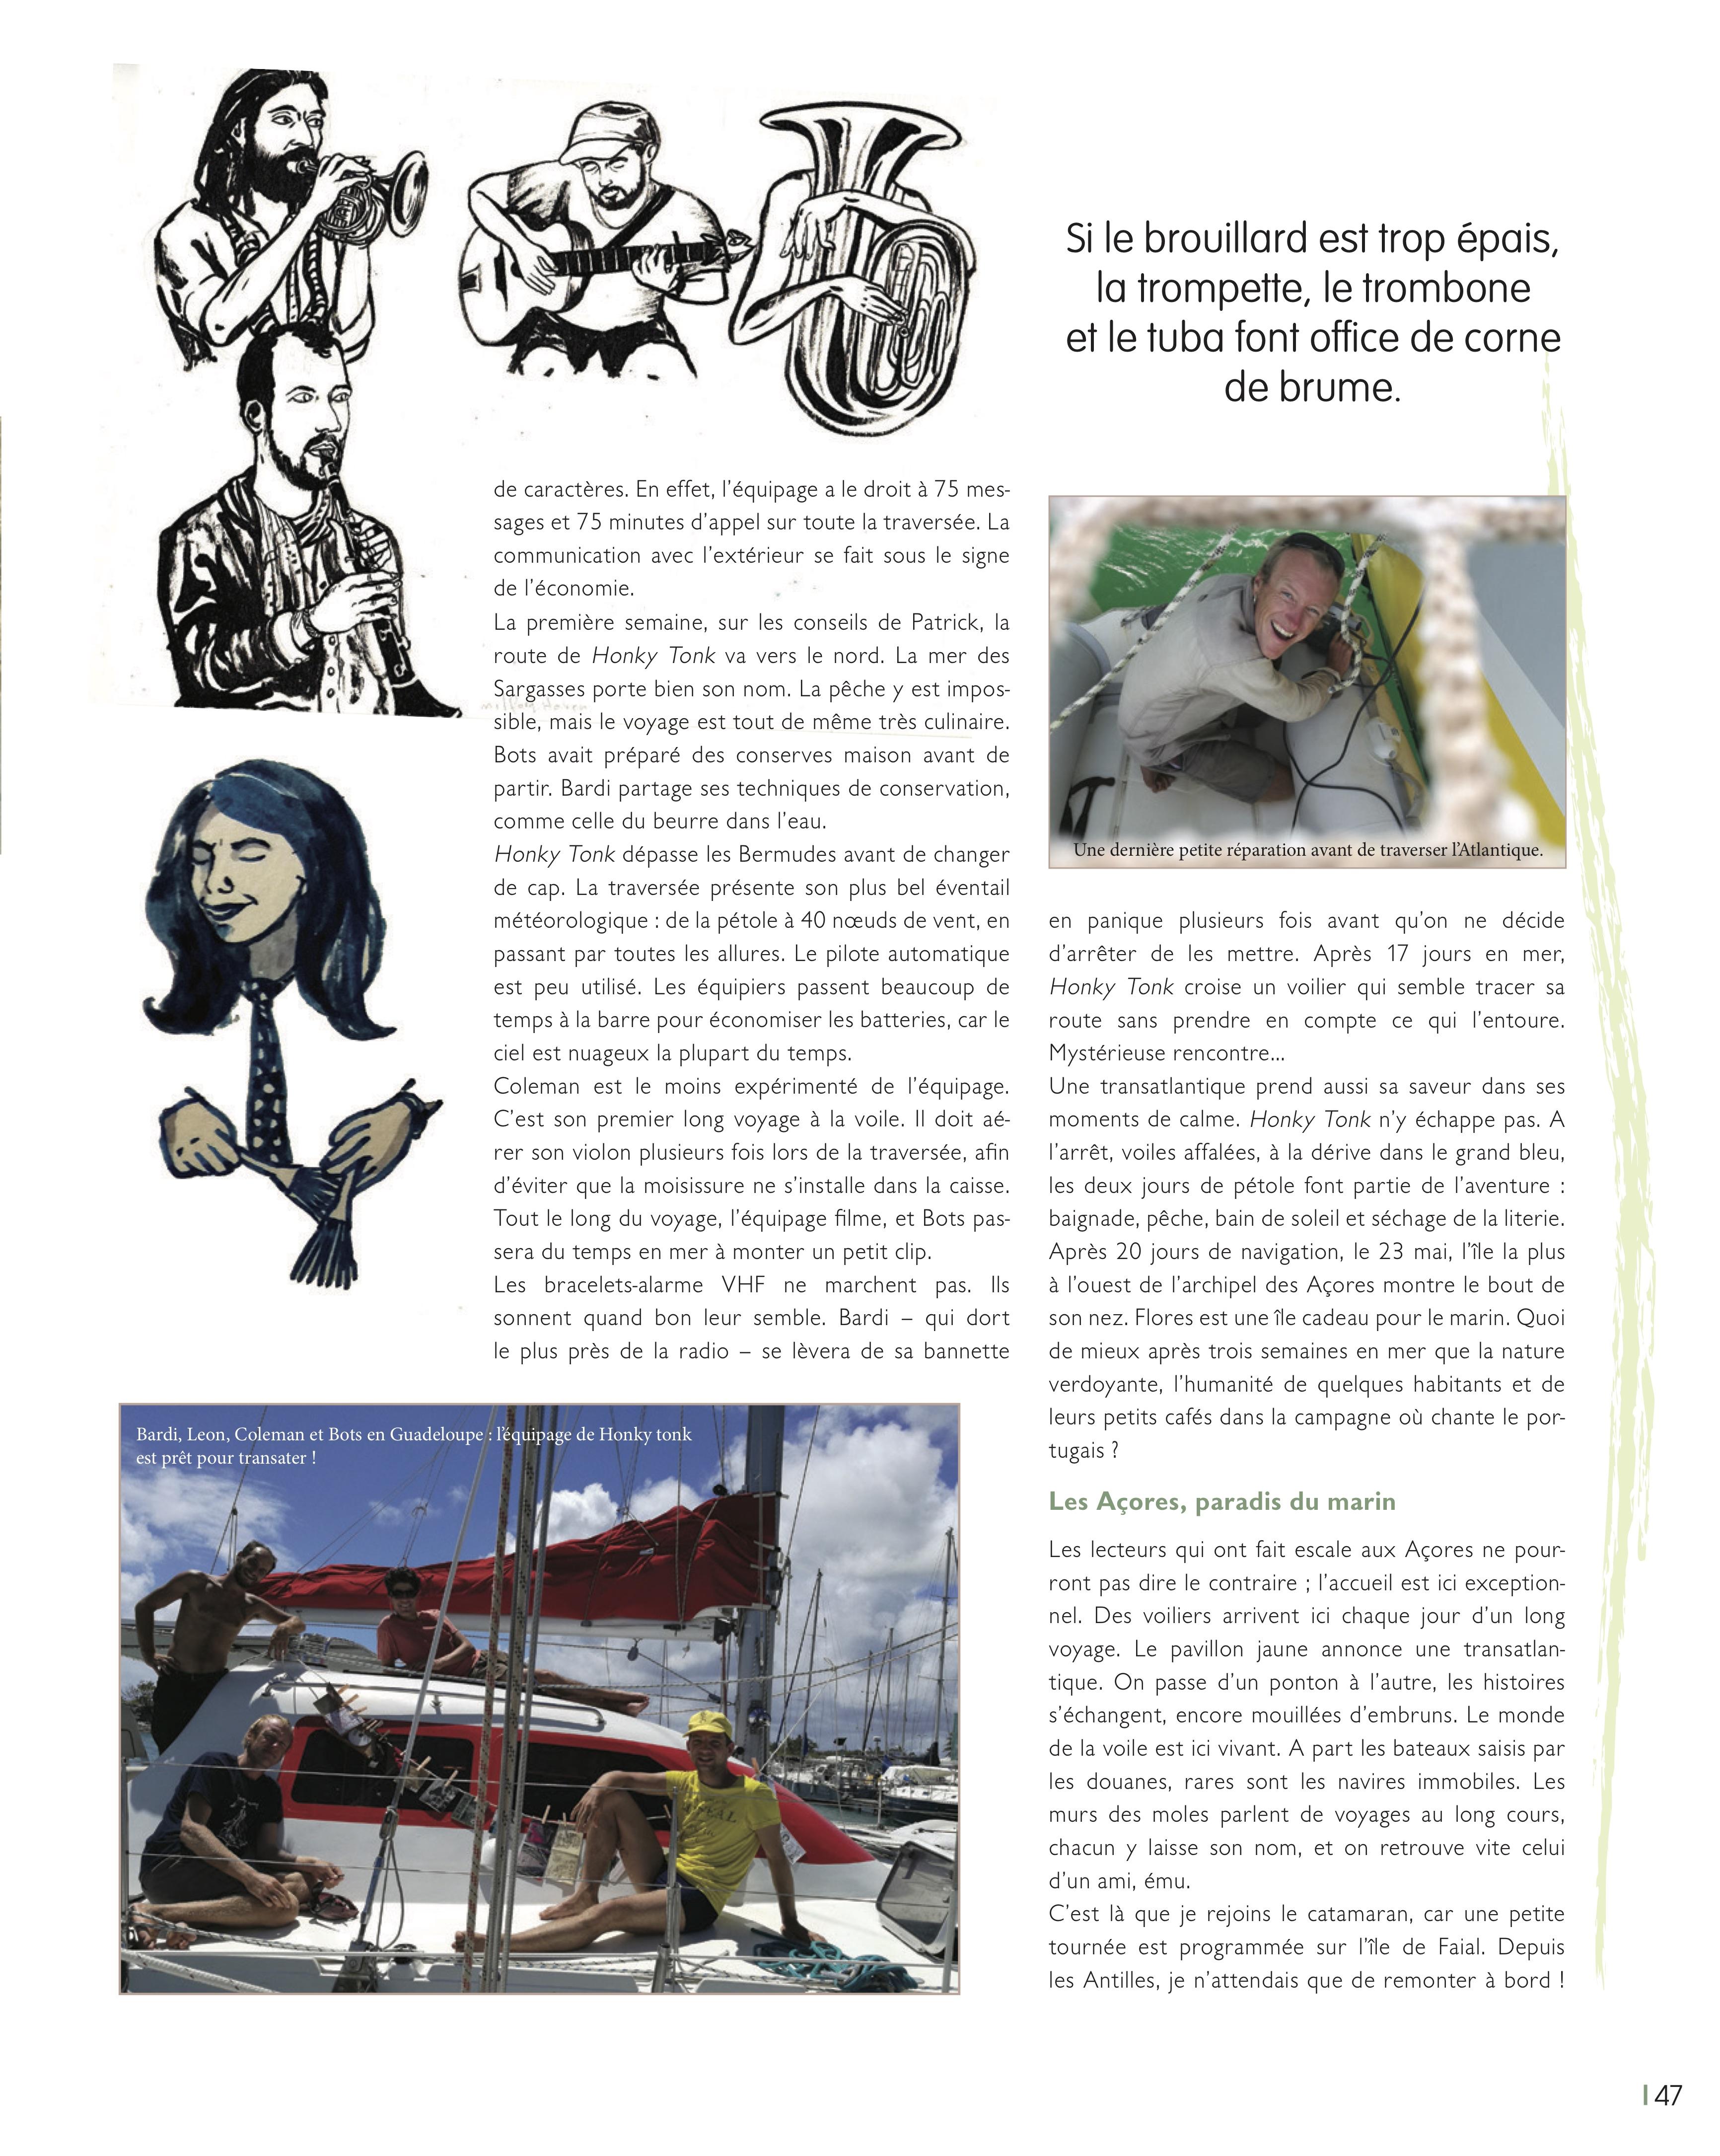 Multicoque mag #201 - printemps 2020 - p2